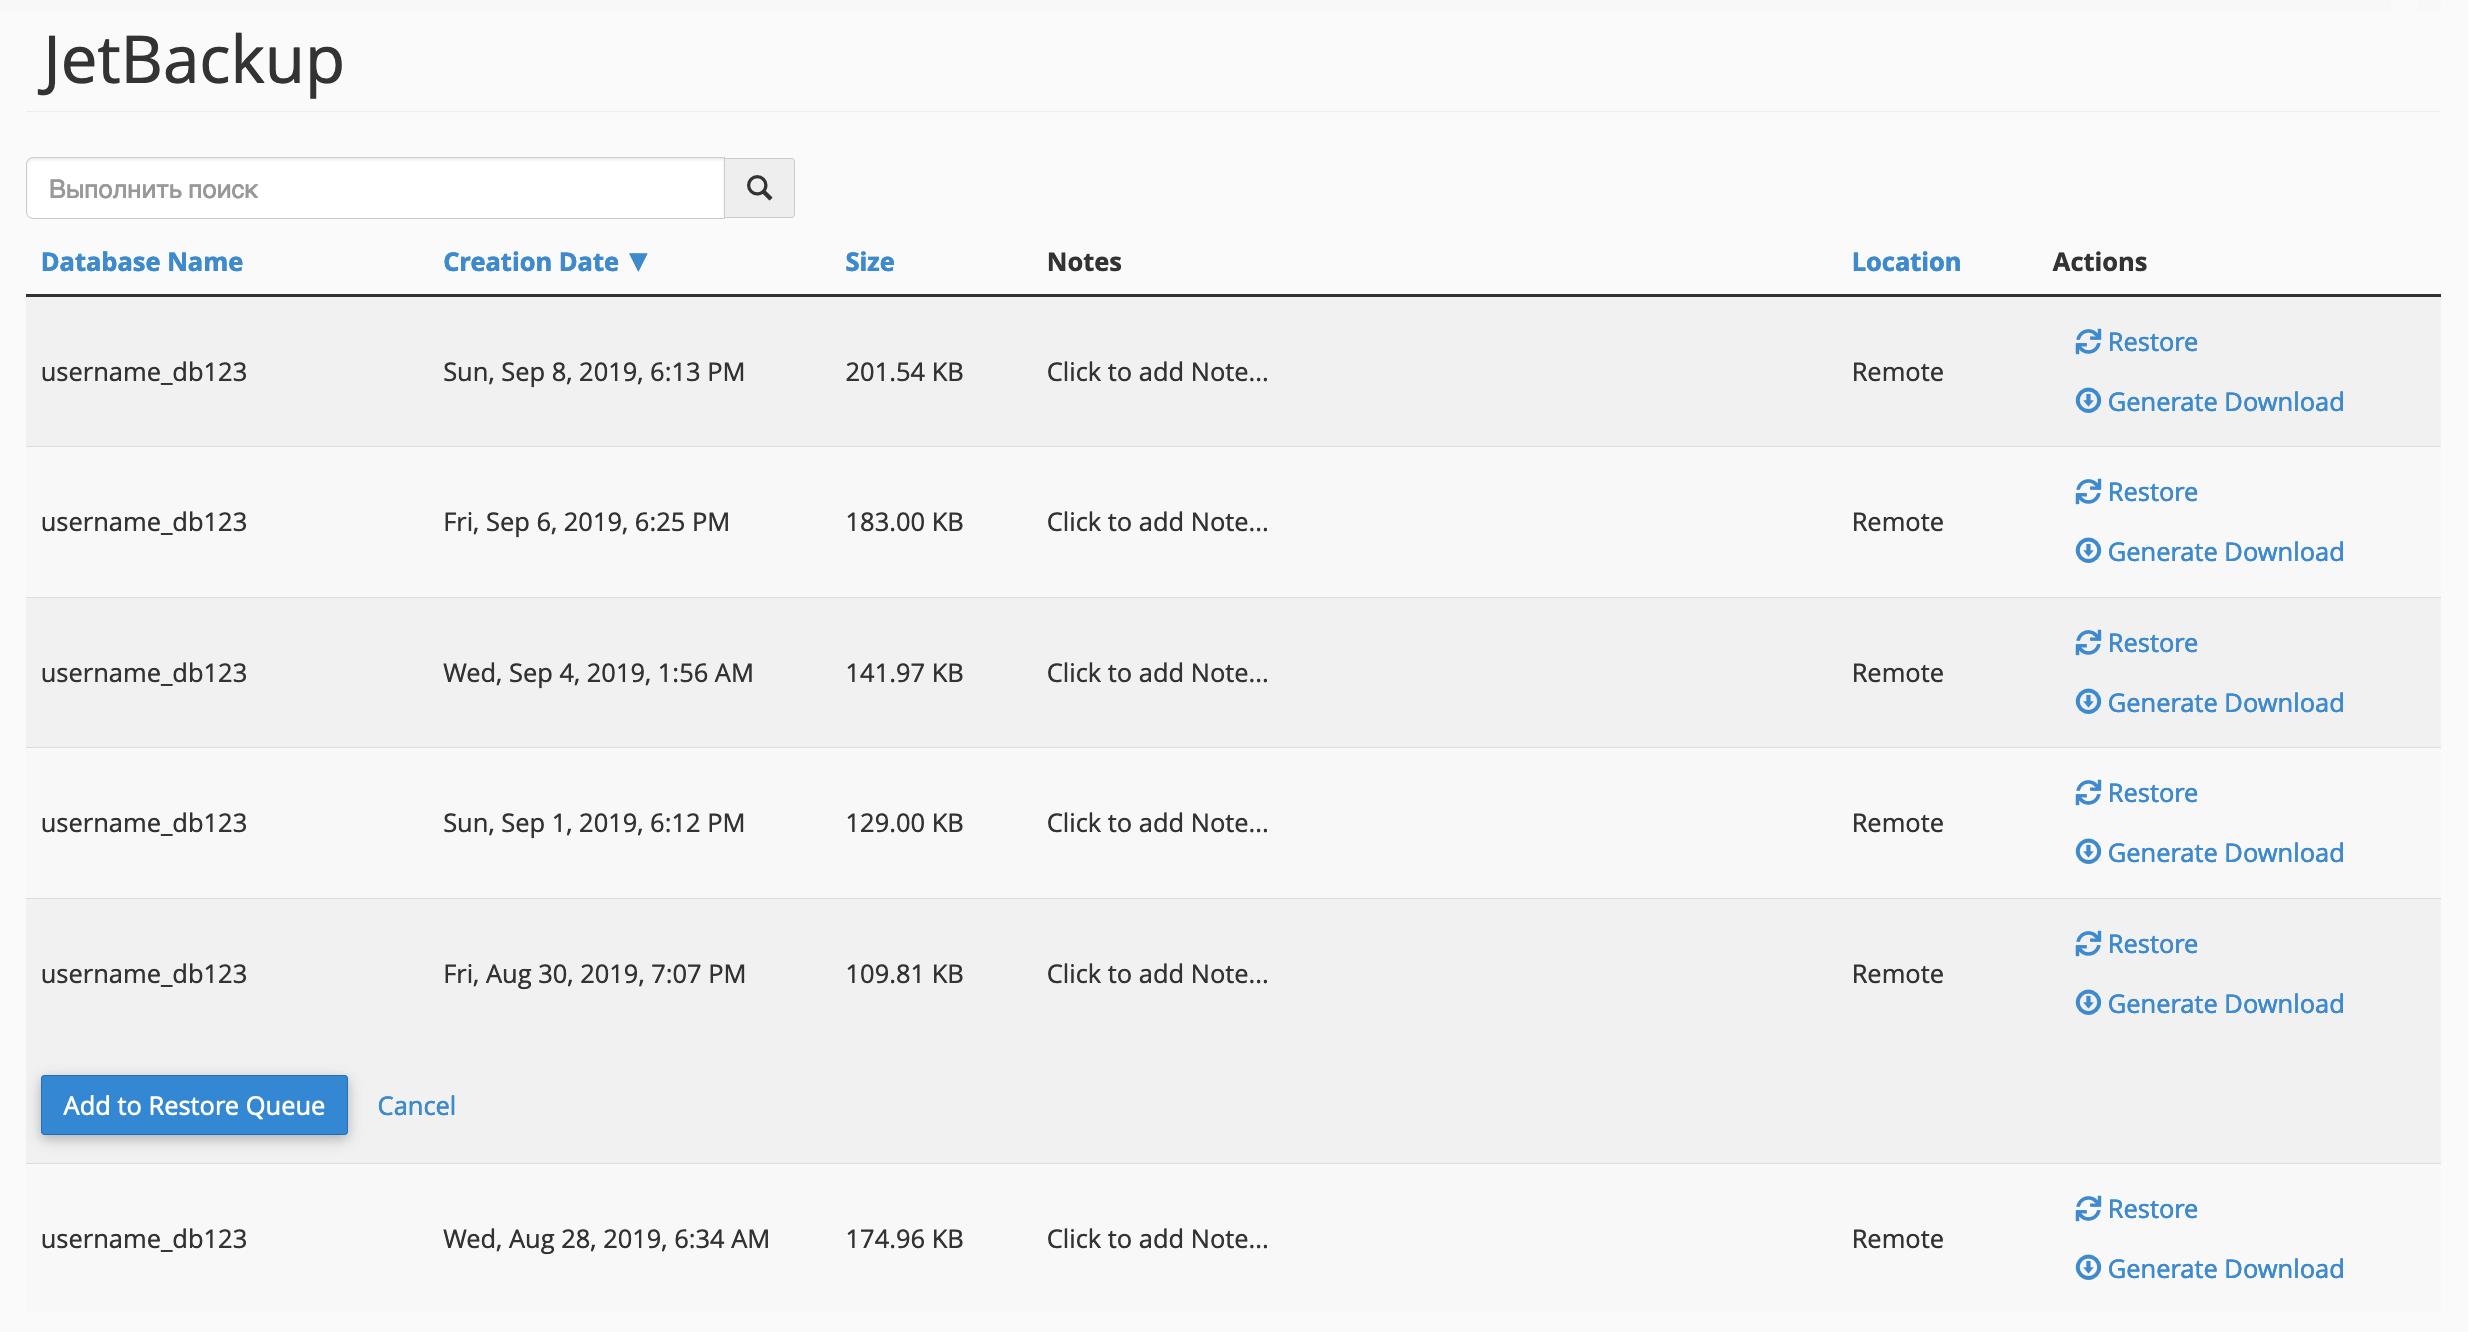 Раздел с доступными резервными копиями баз данных в JetBackup